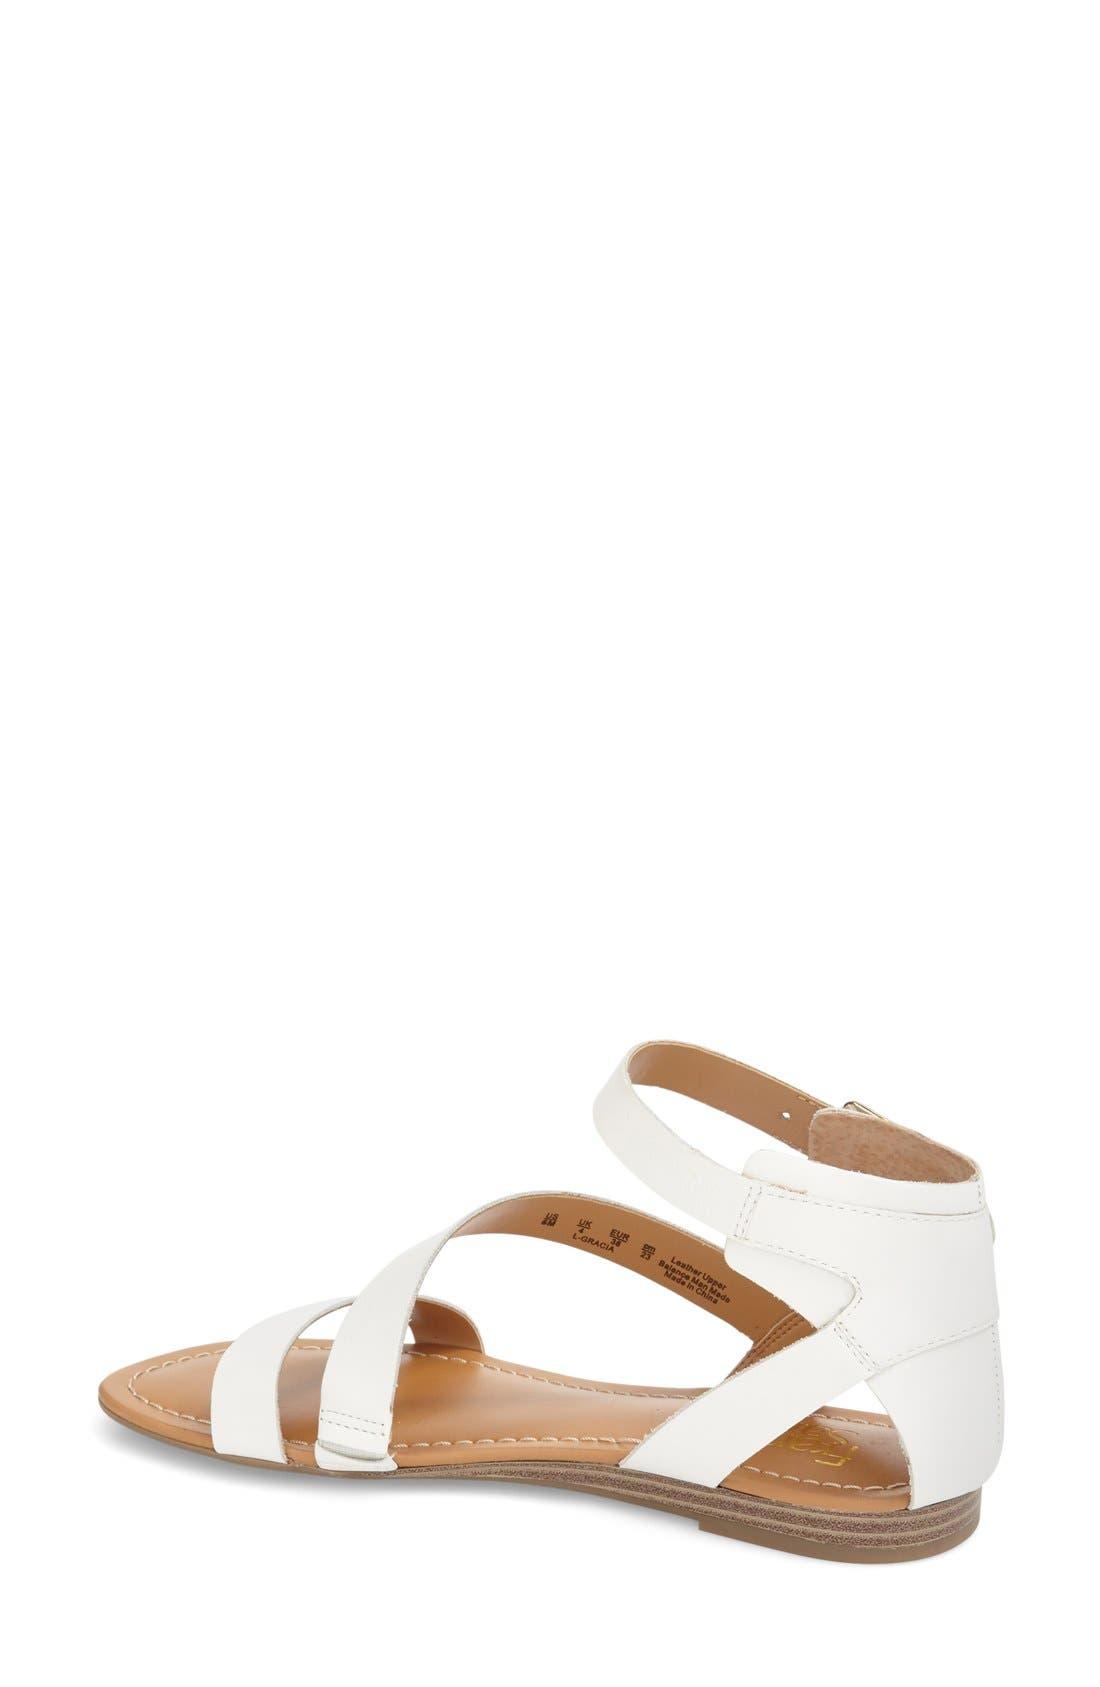 Alternate Image 2  - Franco Sarto 'Gracie' Ankle Strap Sandal (Women)